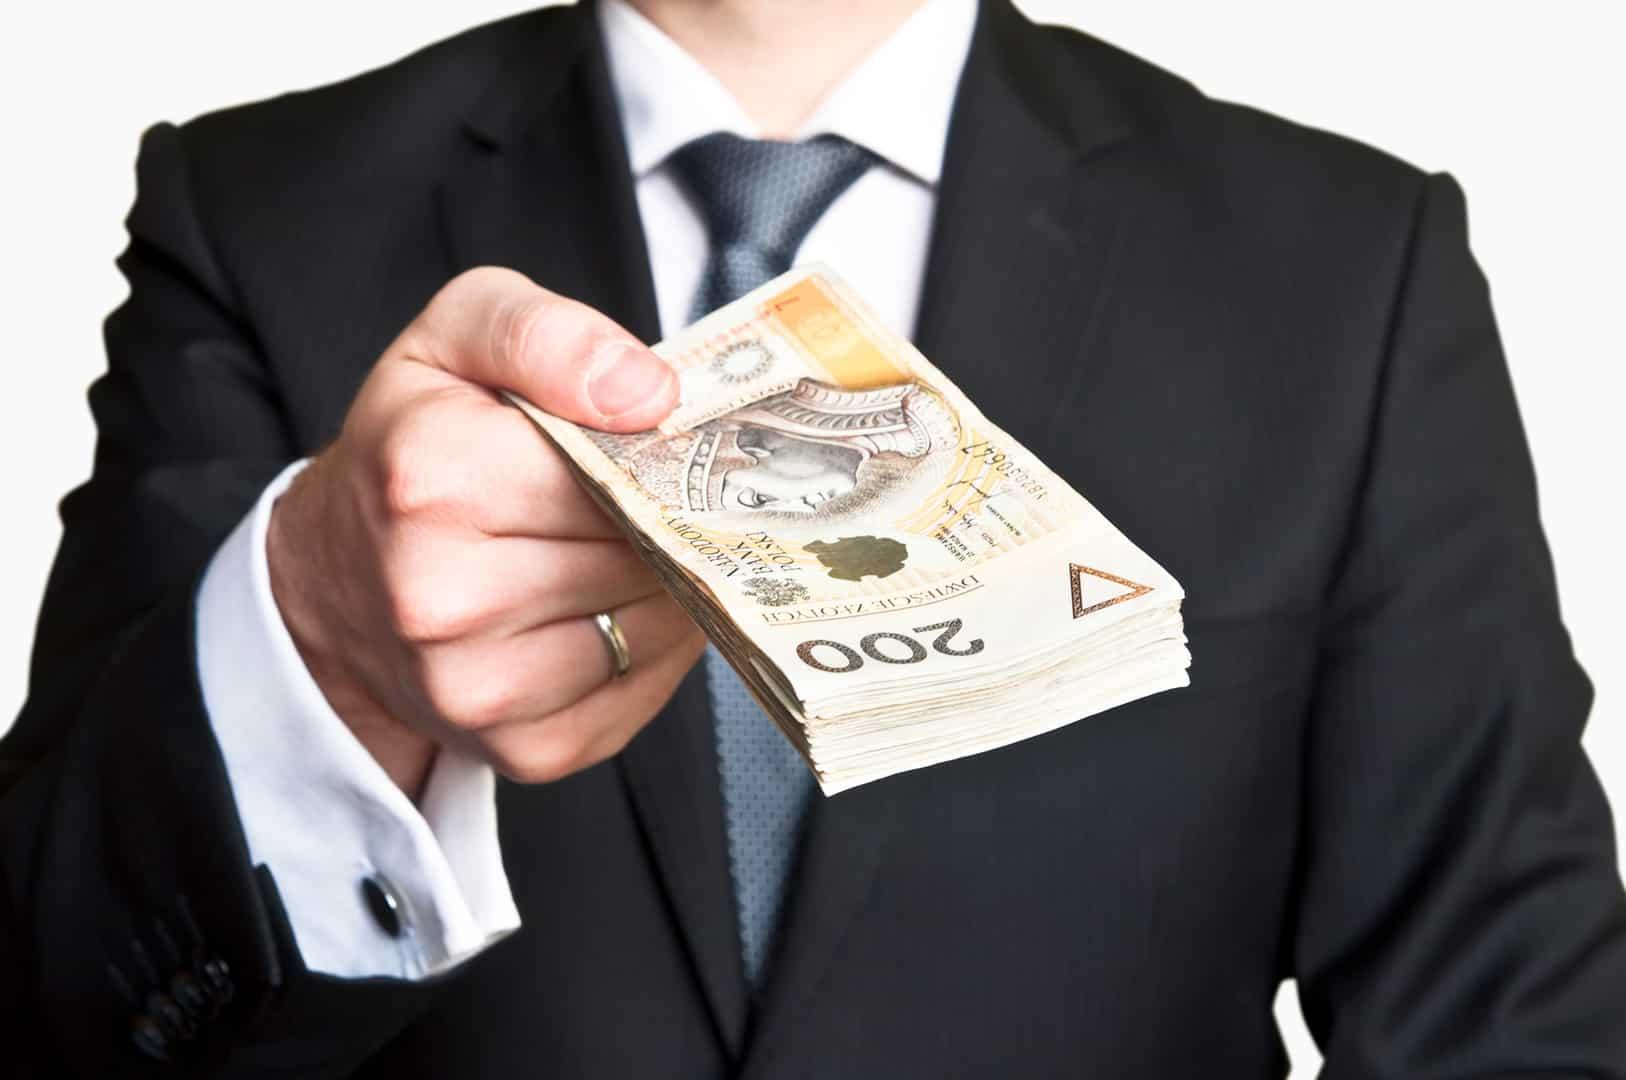 2600 zł minimalnego wynagrodzenia od 2020 zł. Czy jest się z czego cieszyć?